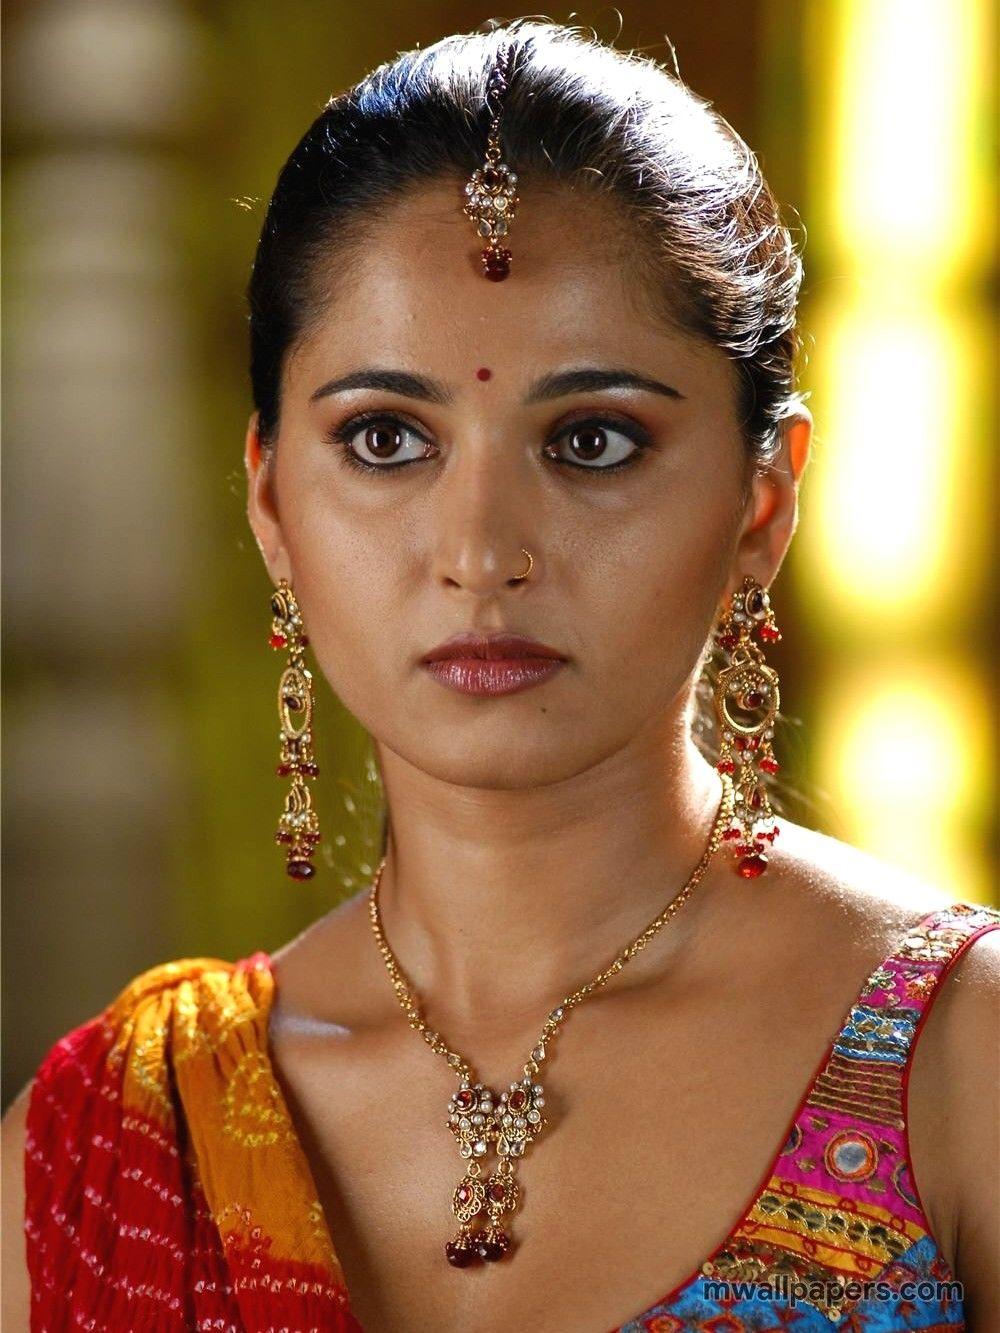 anushka shetty hd images - #2855 #anushkashetty #actress #kollywood